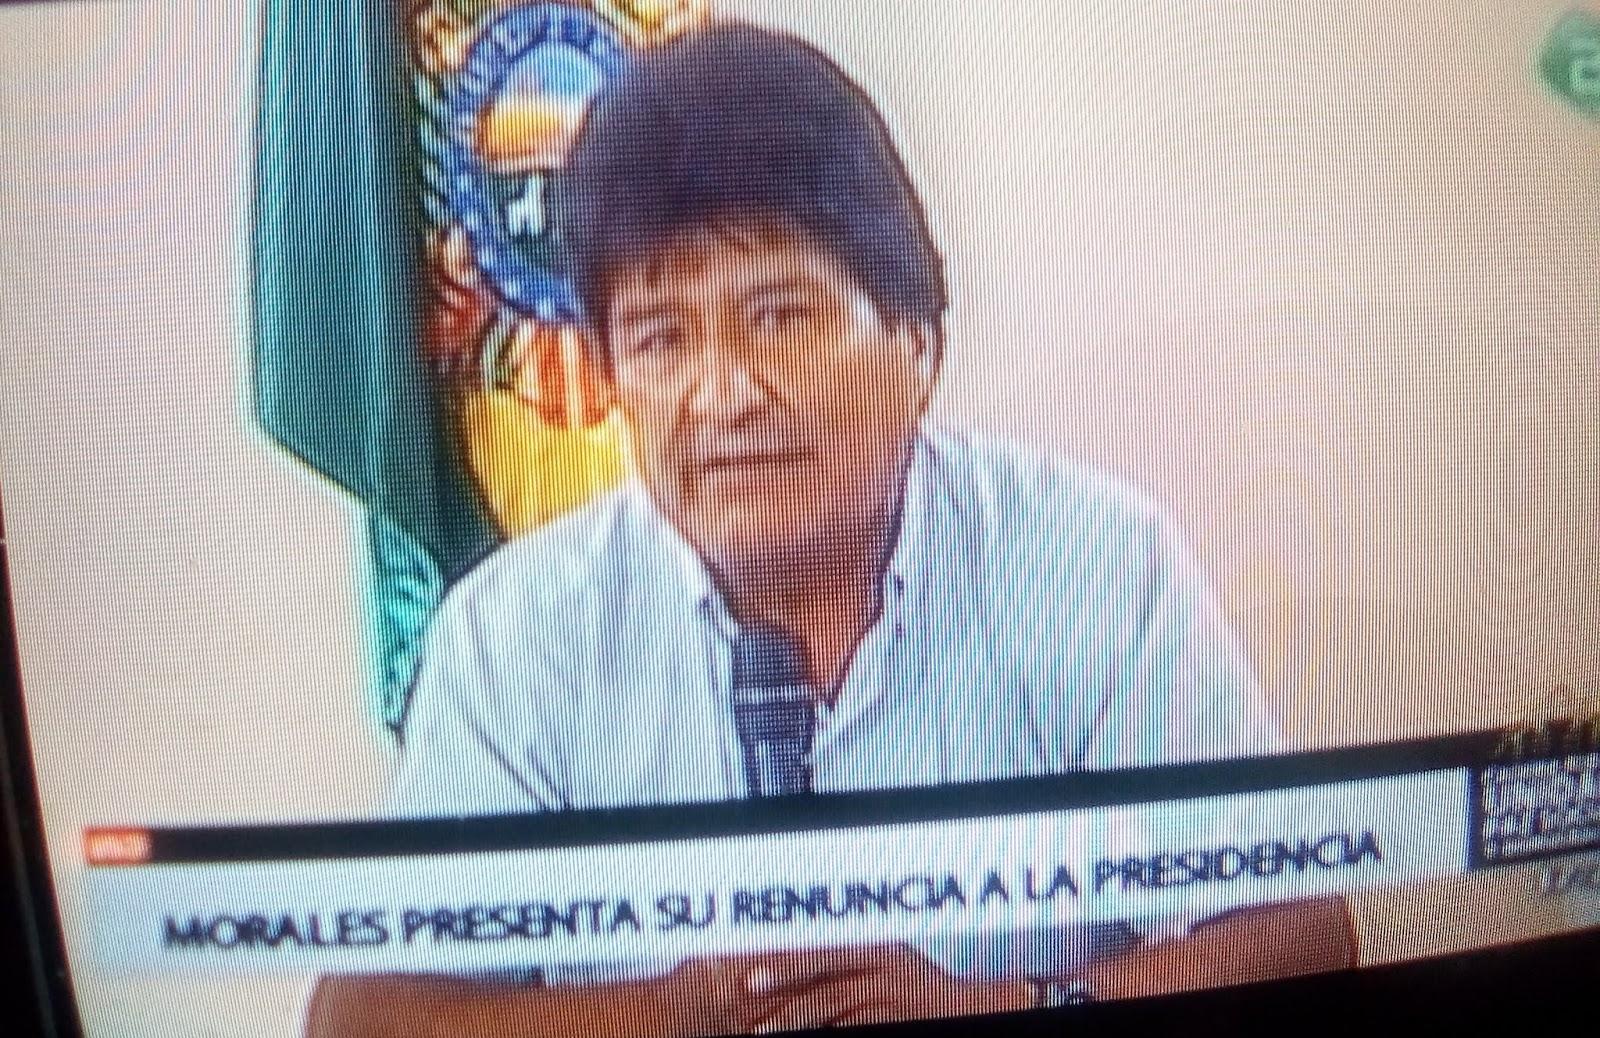 Morales dimitió luego de 13 años y 10 meses / CAPTURA BTV